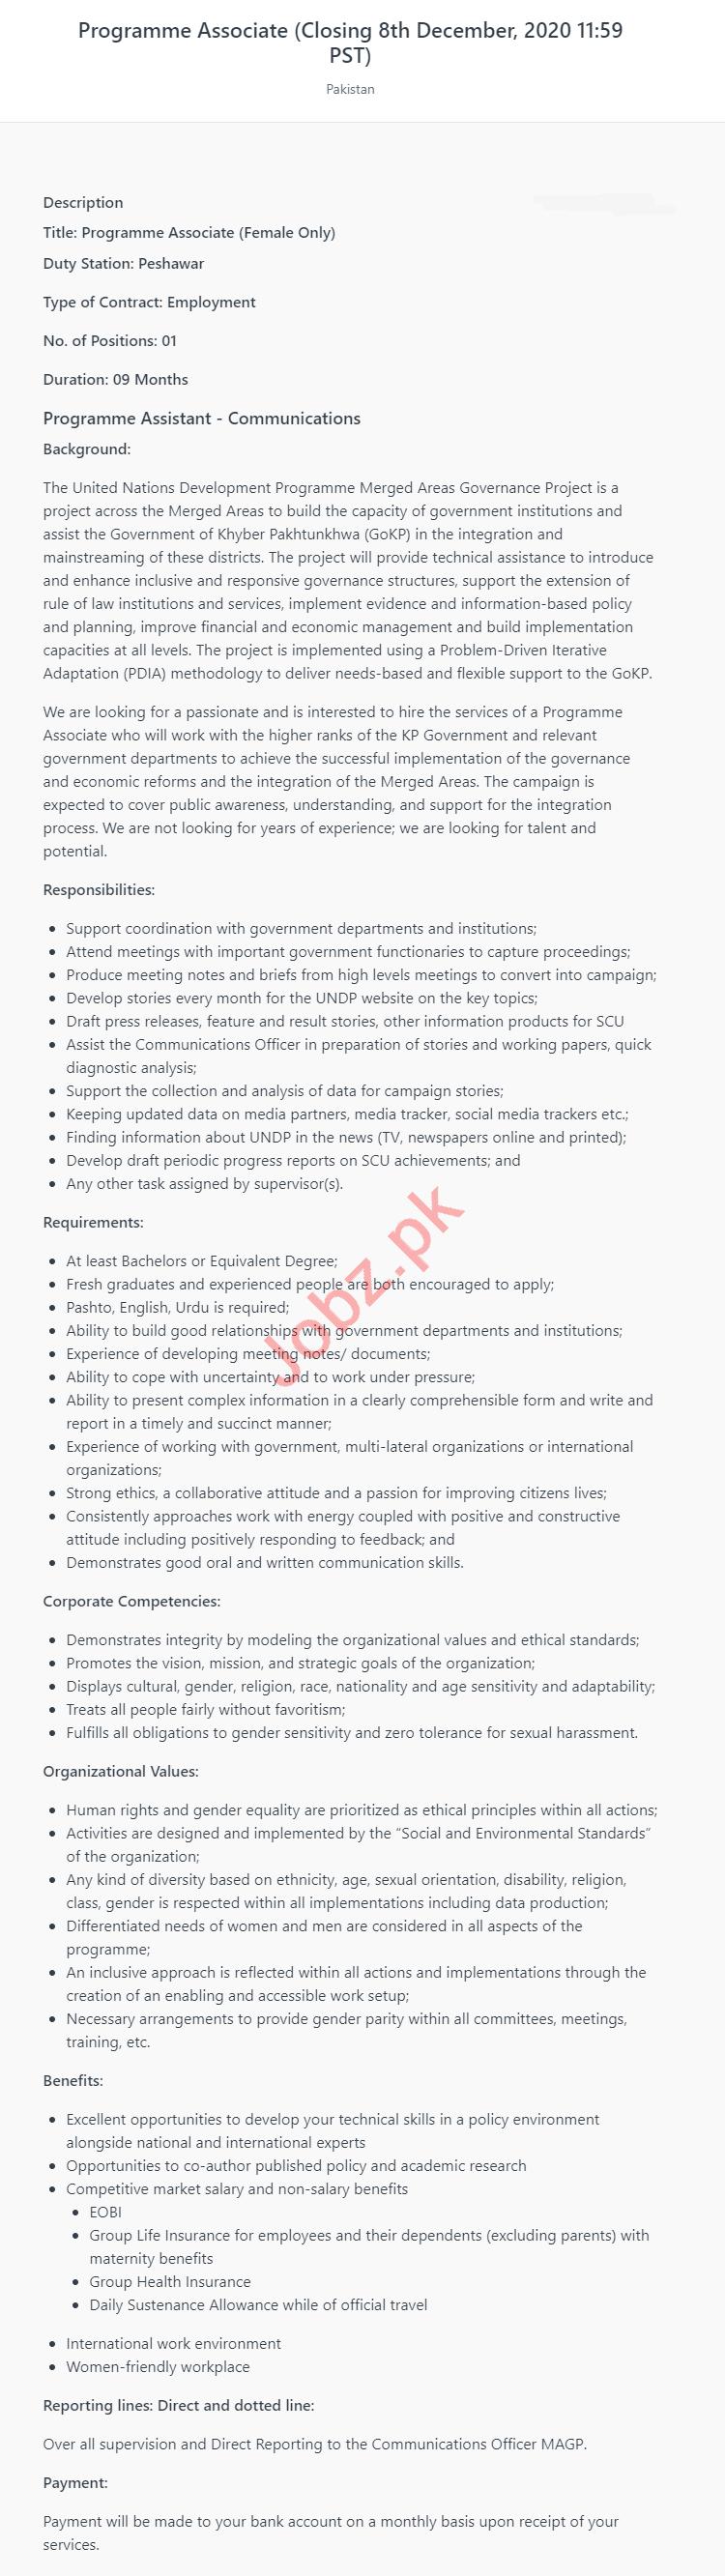 Female Program Associate Jobs 2020 in UNDP Pakistan